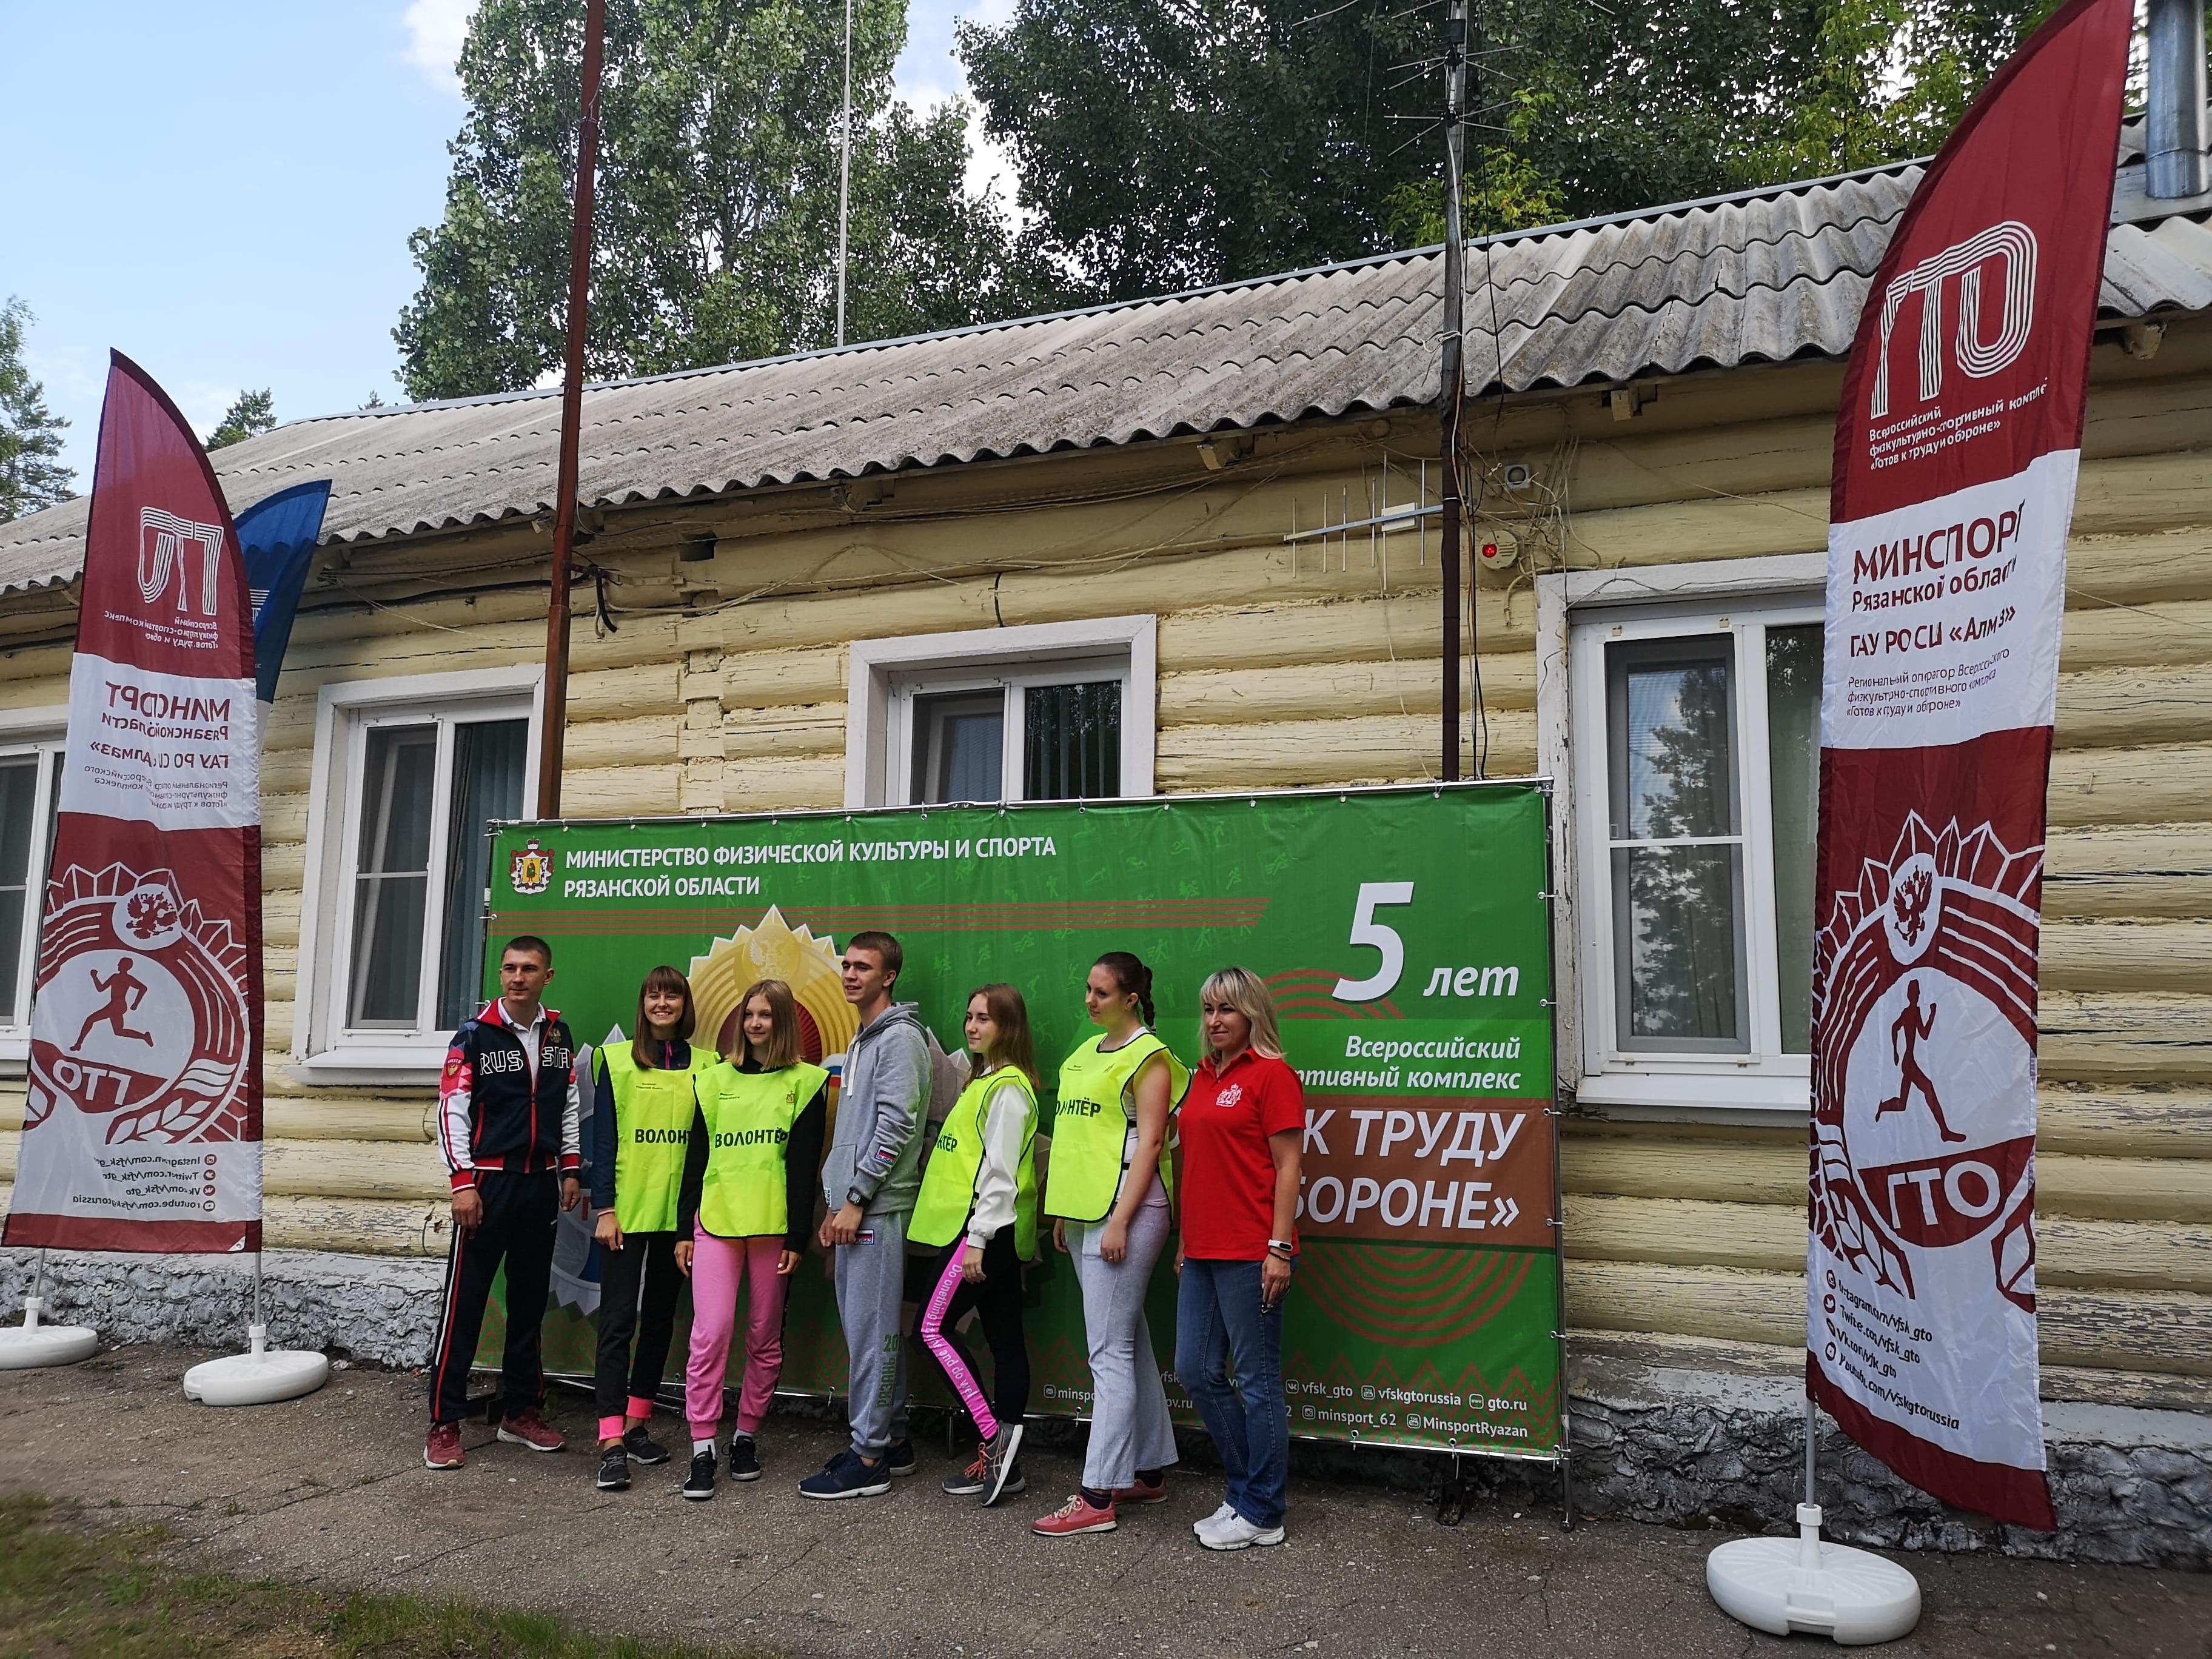 Нужна ли справка в бассейн в Москве Рязанский